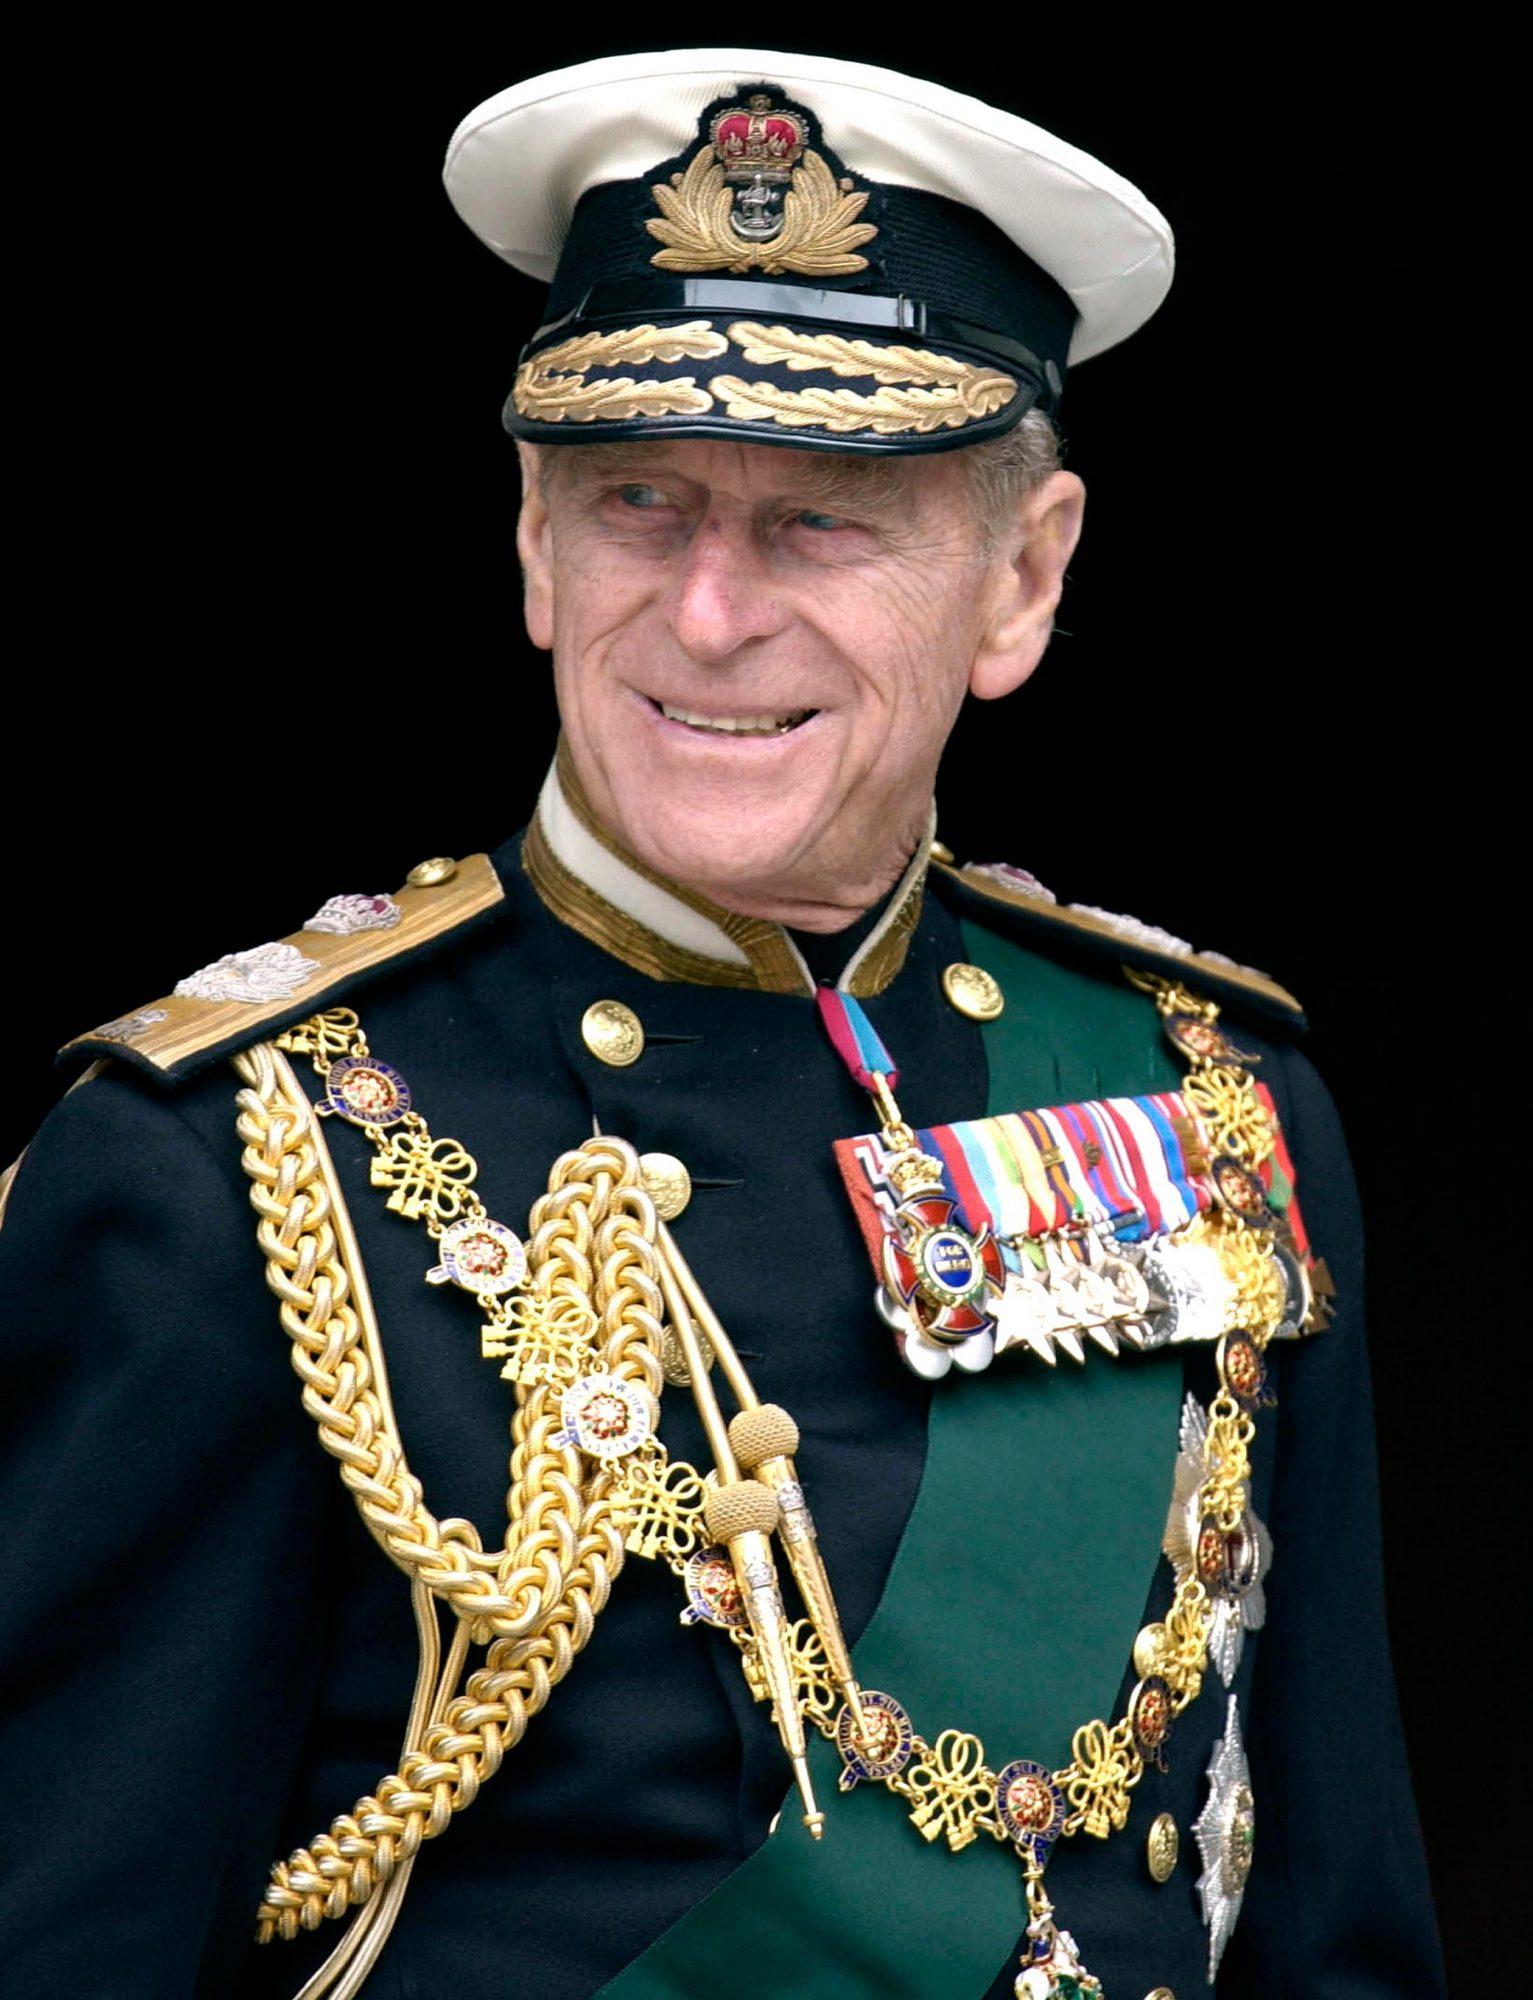 Philip Uniform